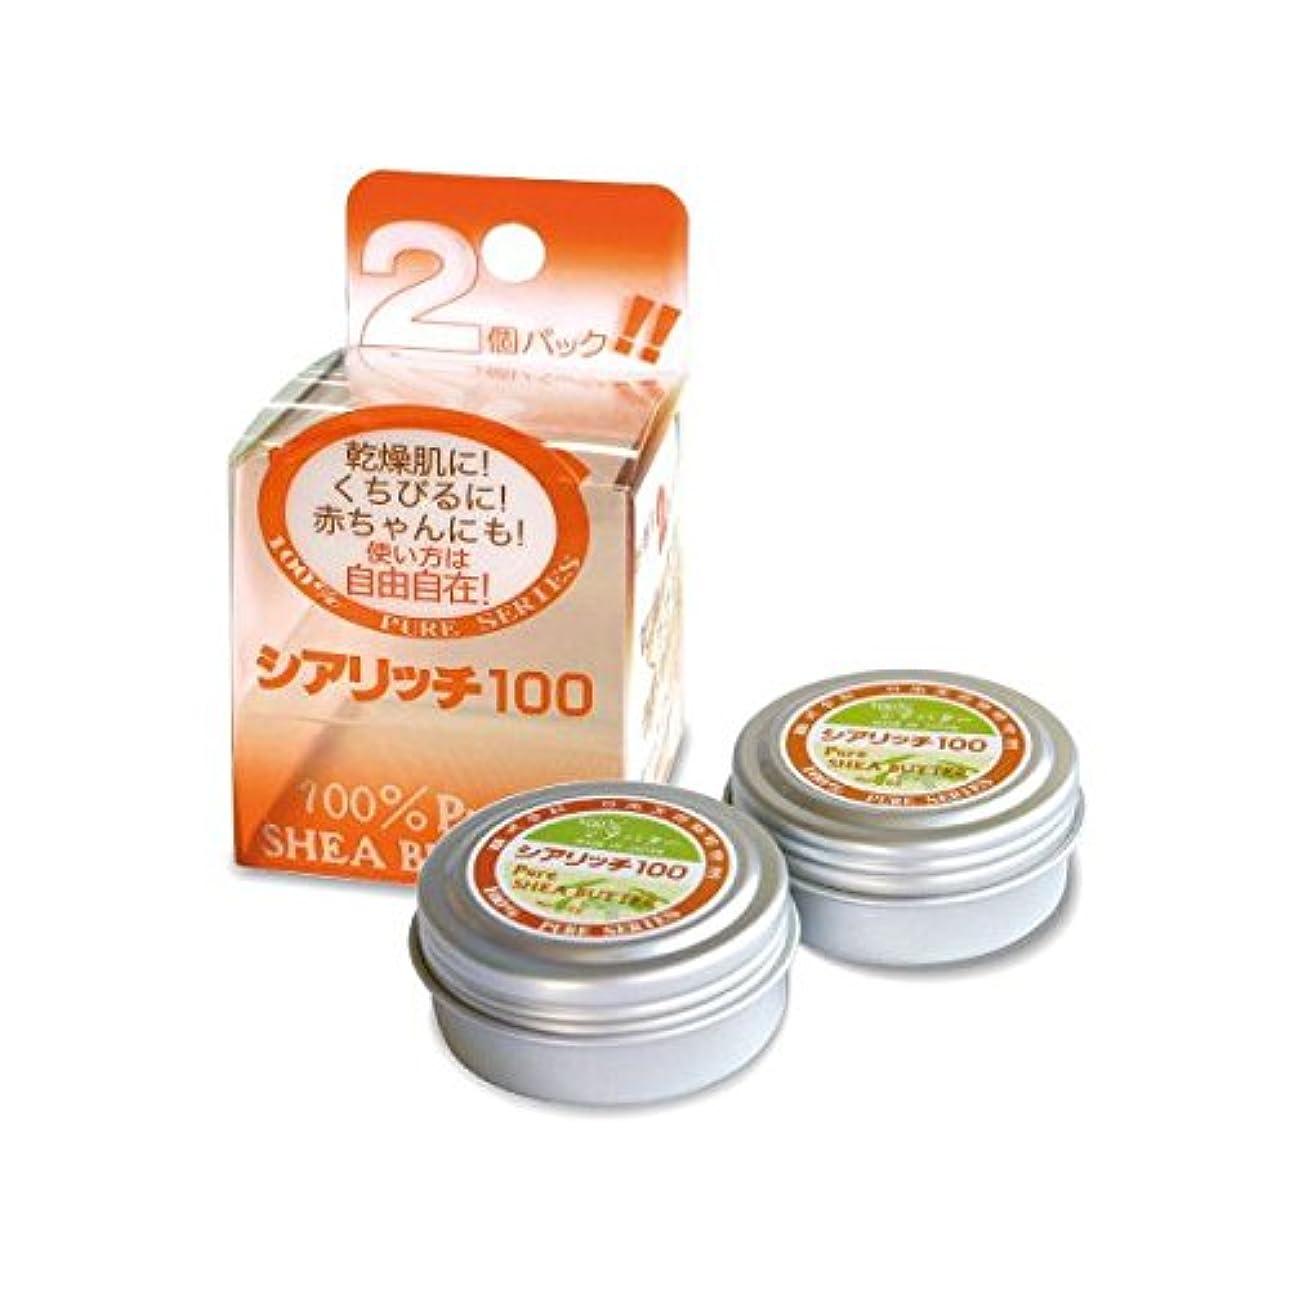 運命的なスペース司書日本天然物研究所 シアリッチ100 (8g×2個入り)【単品】(無添加100%シアバター)無香料